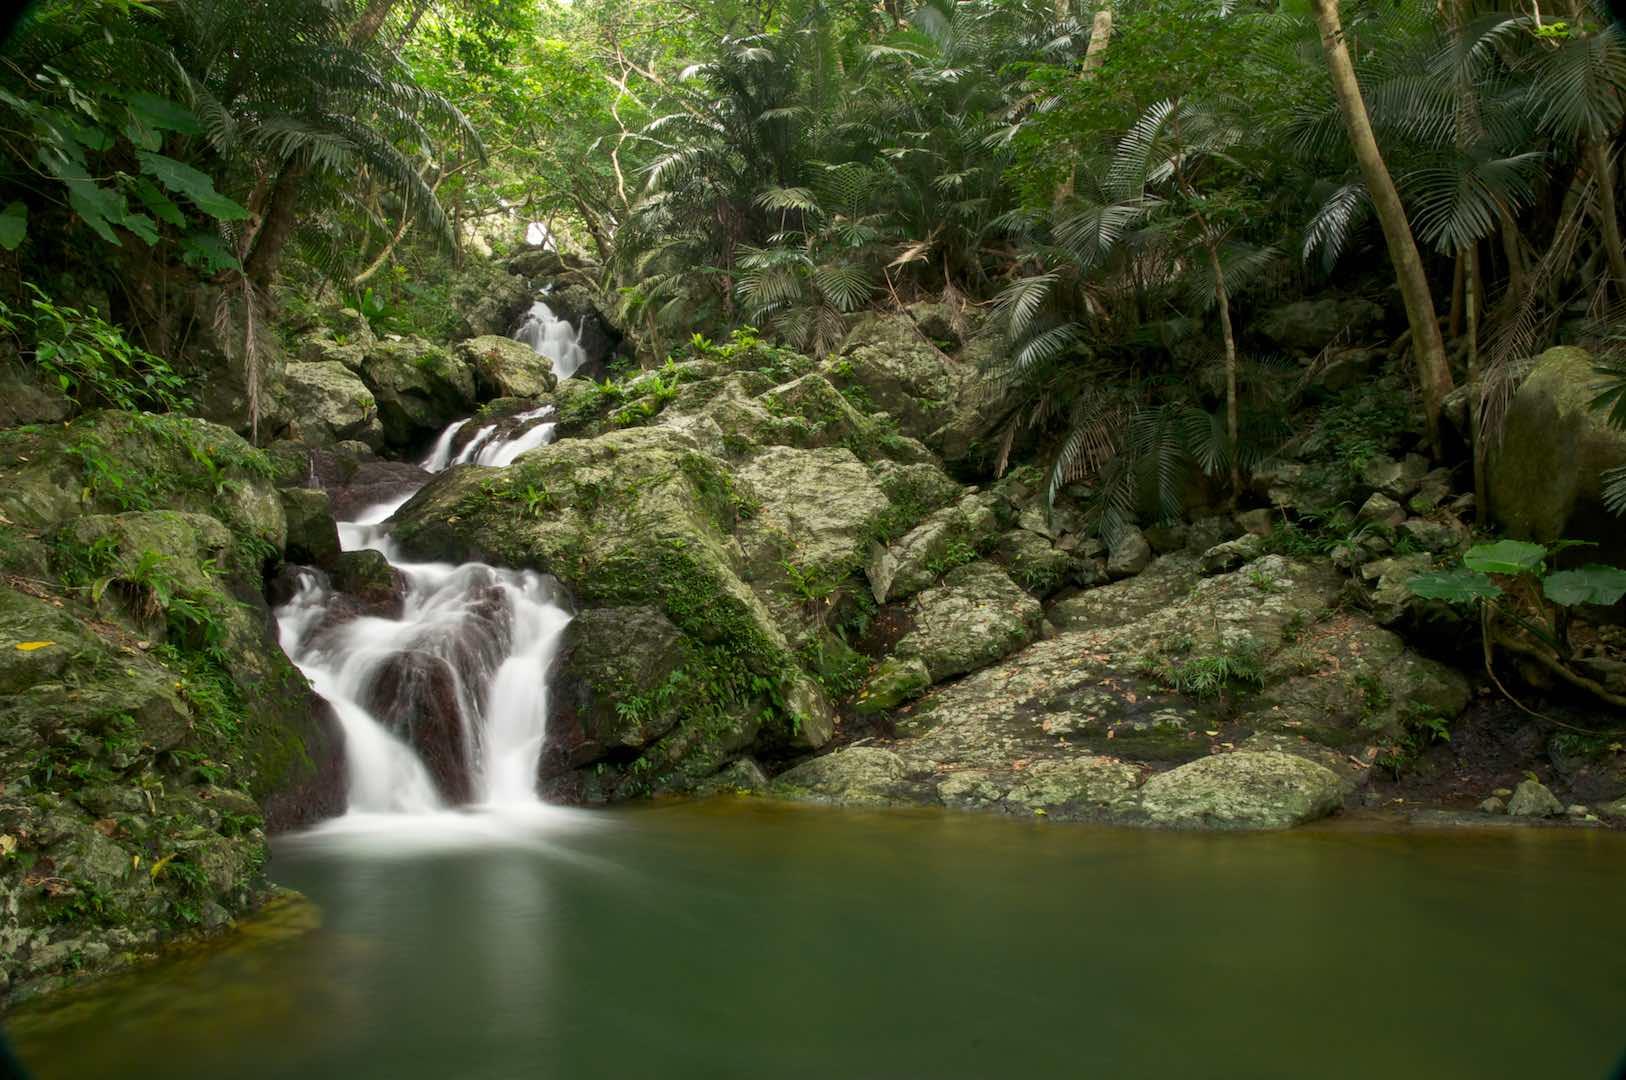 水源地でもある美しい渓流